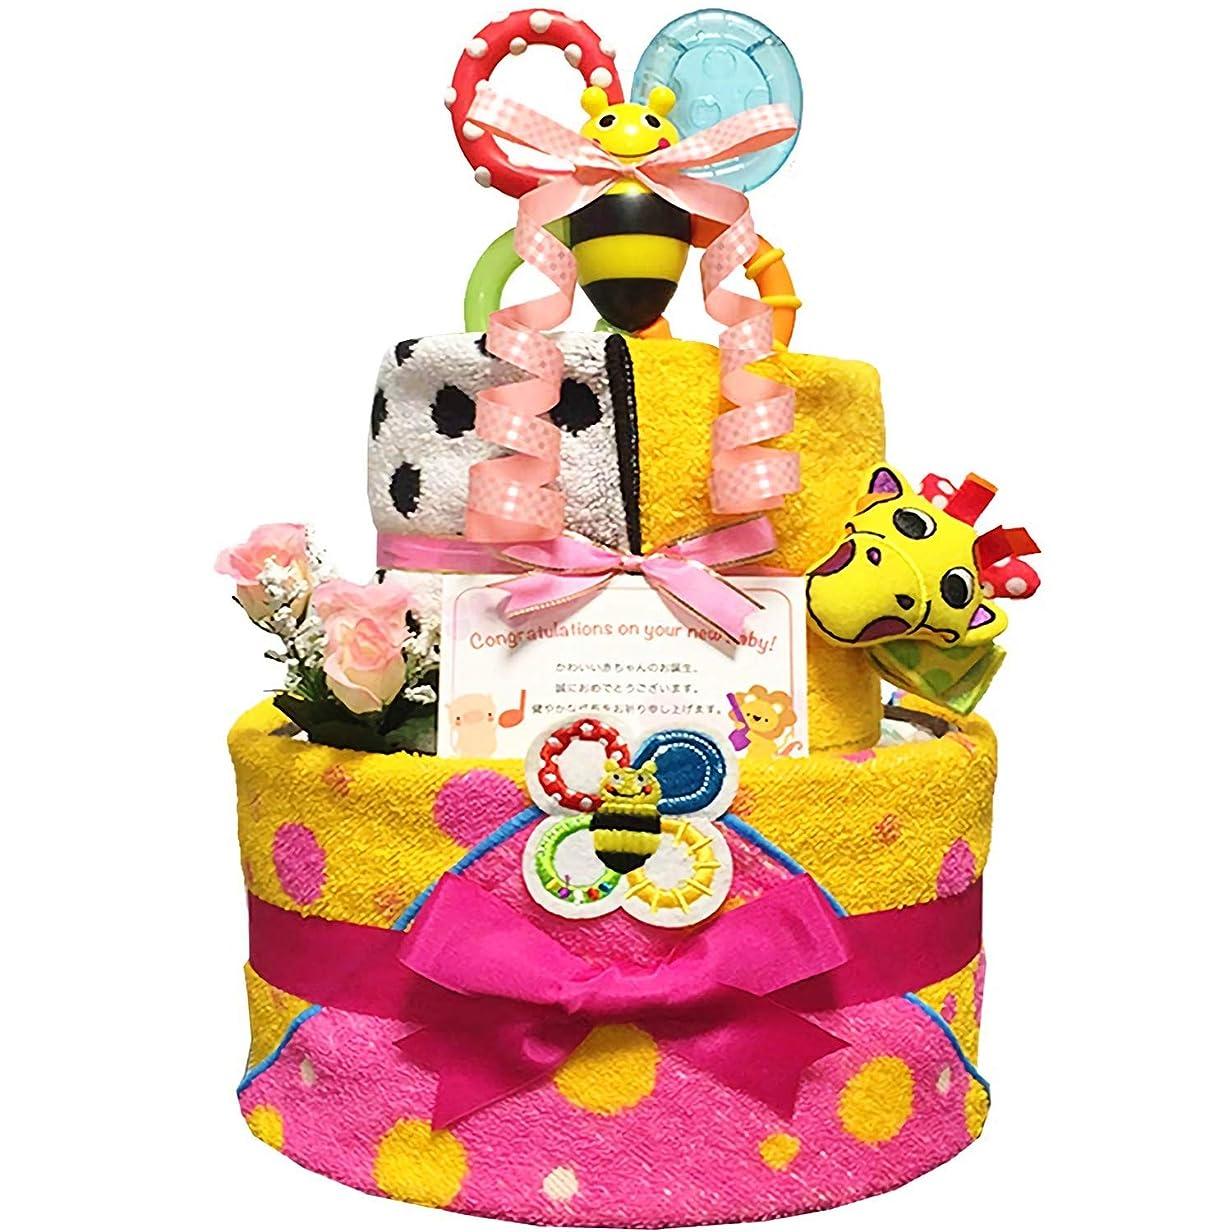 疲れた代数熟練したおむつケーキ [ 女の子/Sassy : サッシー / 2段 ] パンパースS22枚 (出産祝いに大人気)3002 ダイパーケーキ ギフト 赤ちゃんの内祝い にもおすすめ